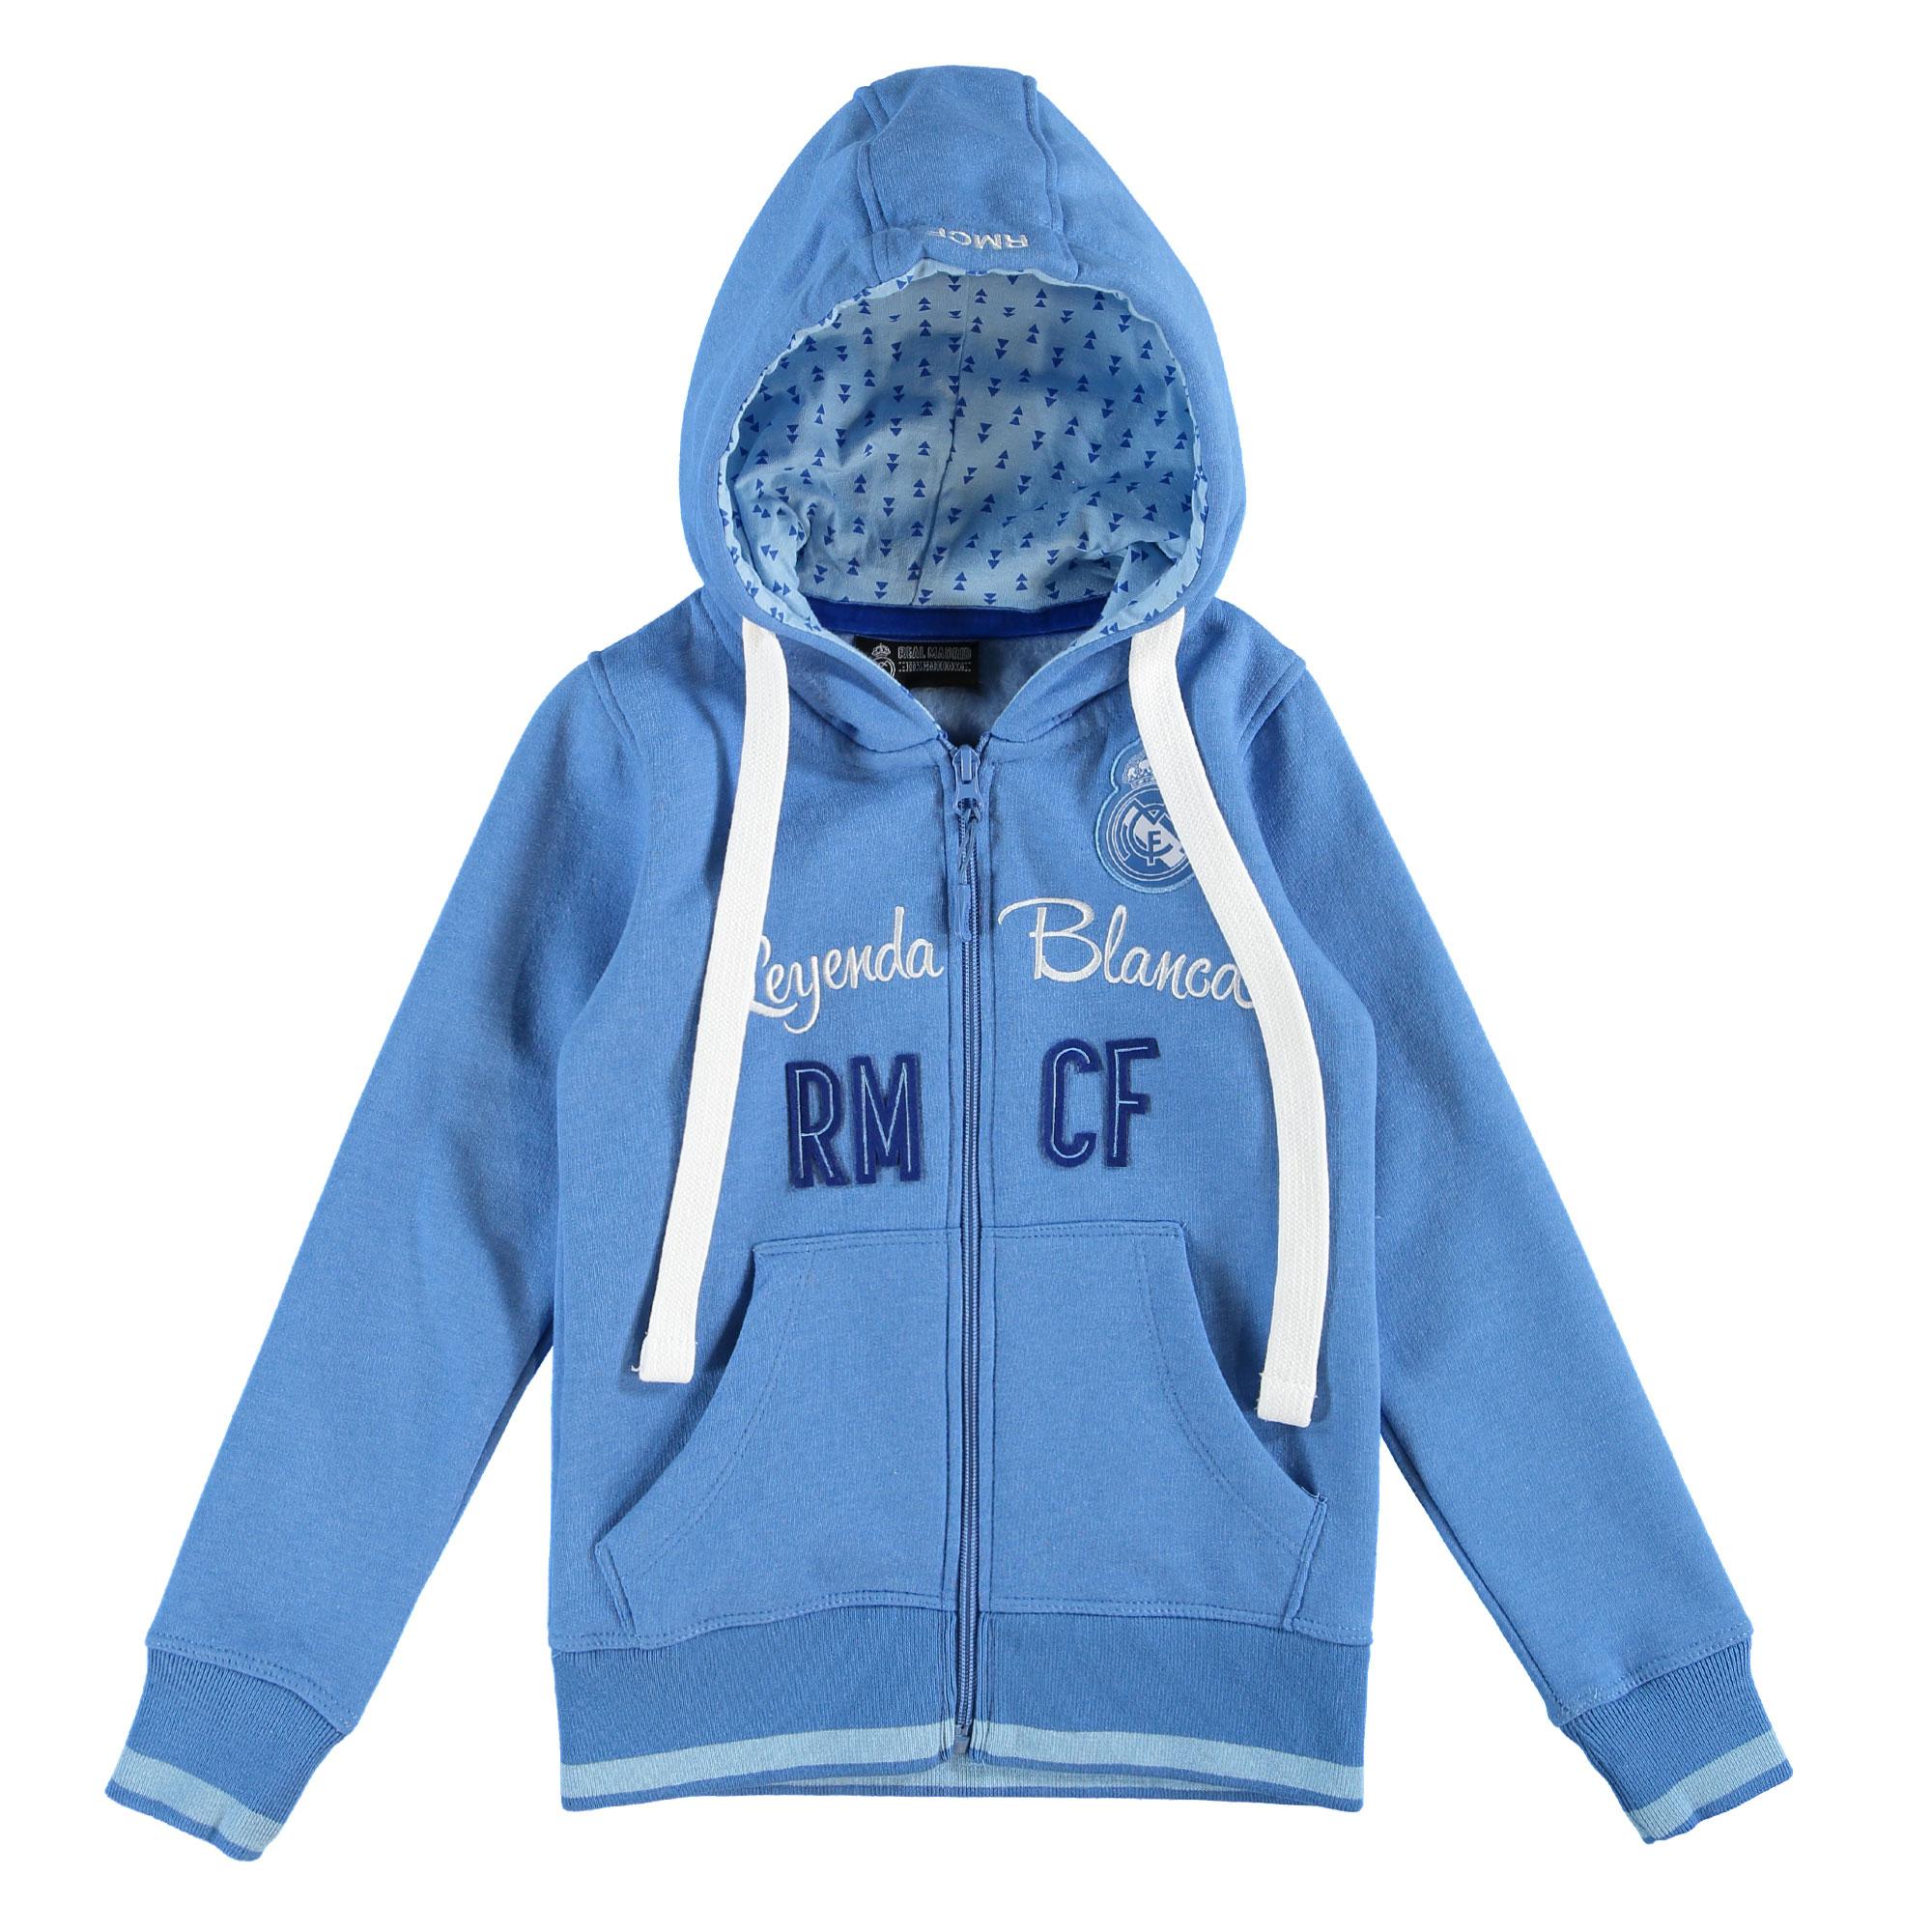 Prendas Deportivas Rogers SL / Sudadera con capucha con cremallera completa y aplique Real Madrid - Azul real - Niña